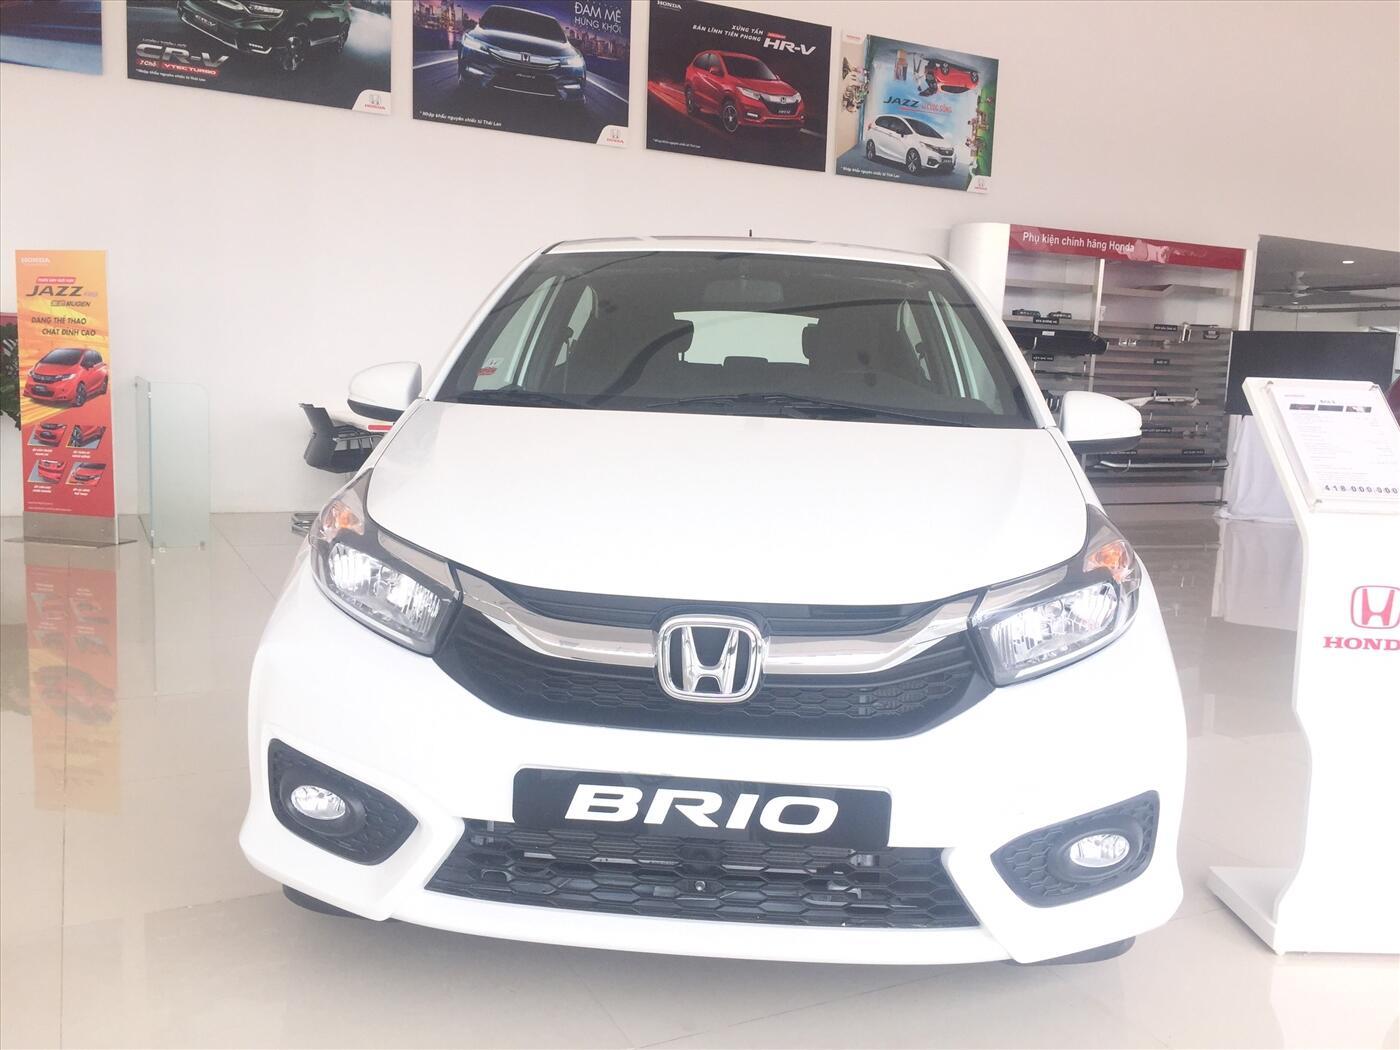 Honda Ôtô Hà Tĩnh 5S - Honda Brio - Hotline báo giá và ưu đãi: 094 764 85 58